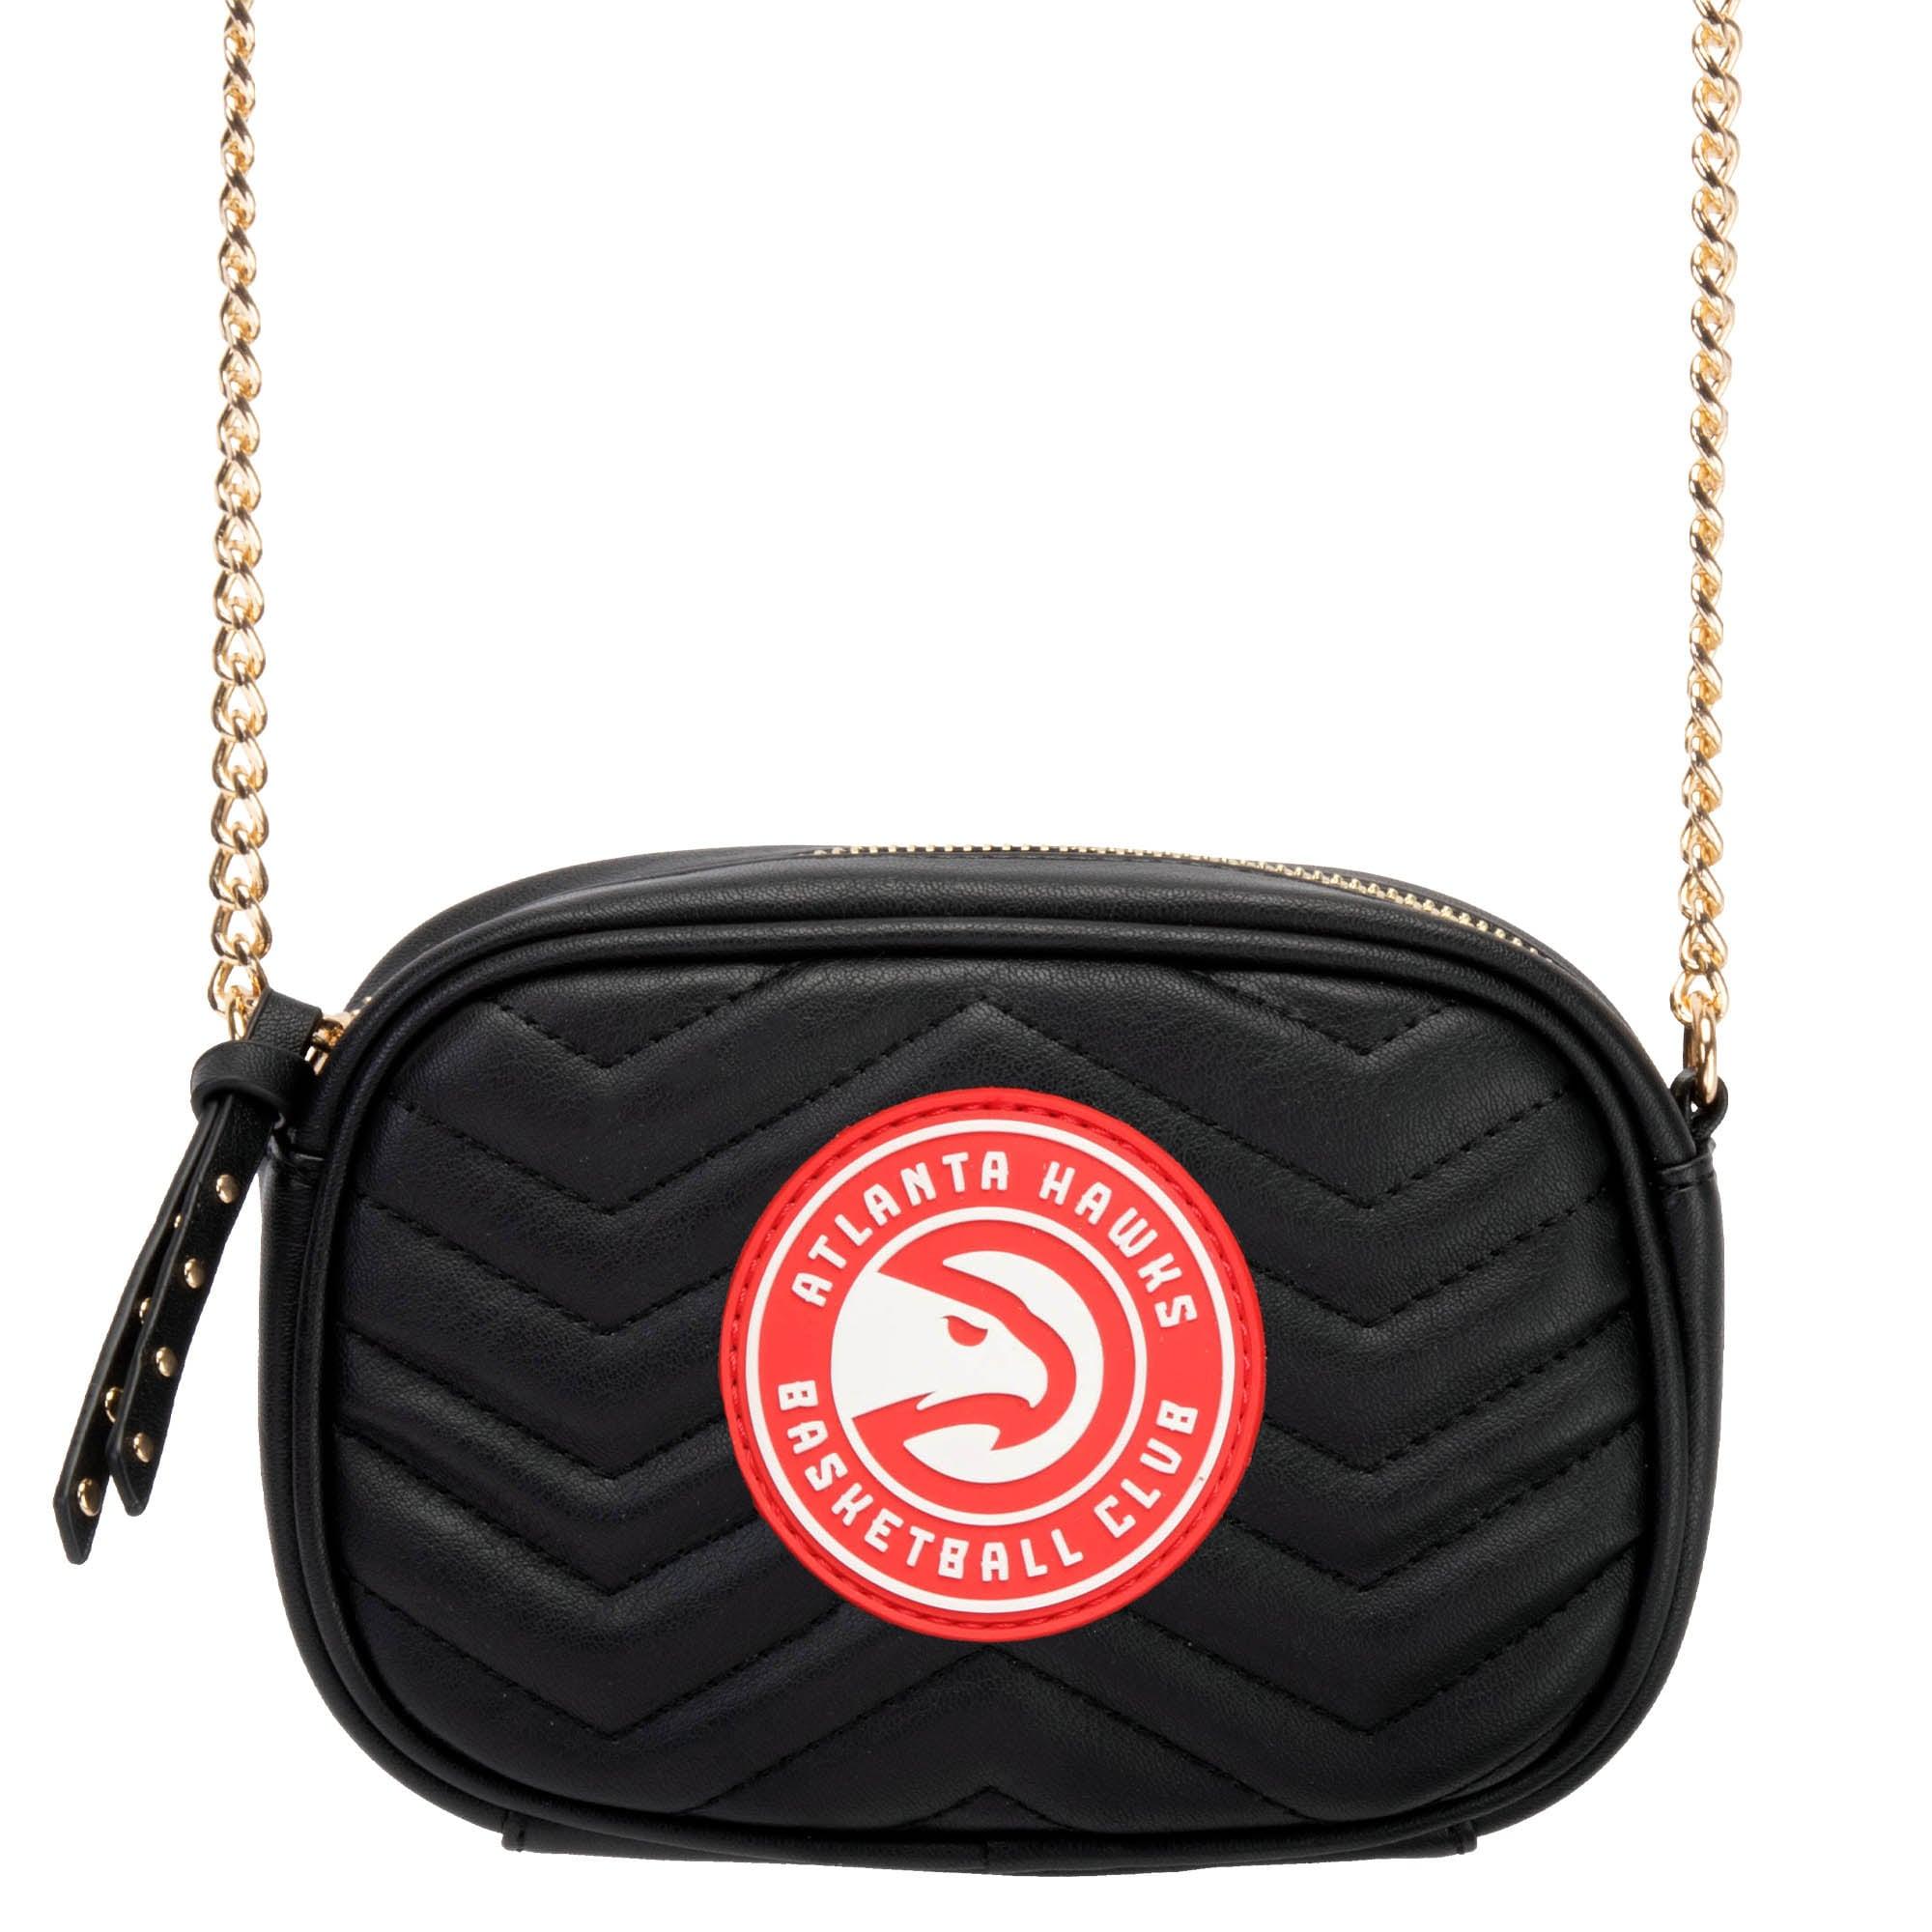 Atlanta Hawks Women's Crossbody Bag - Black